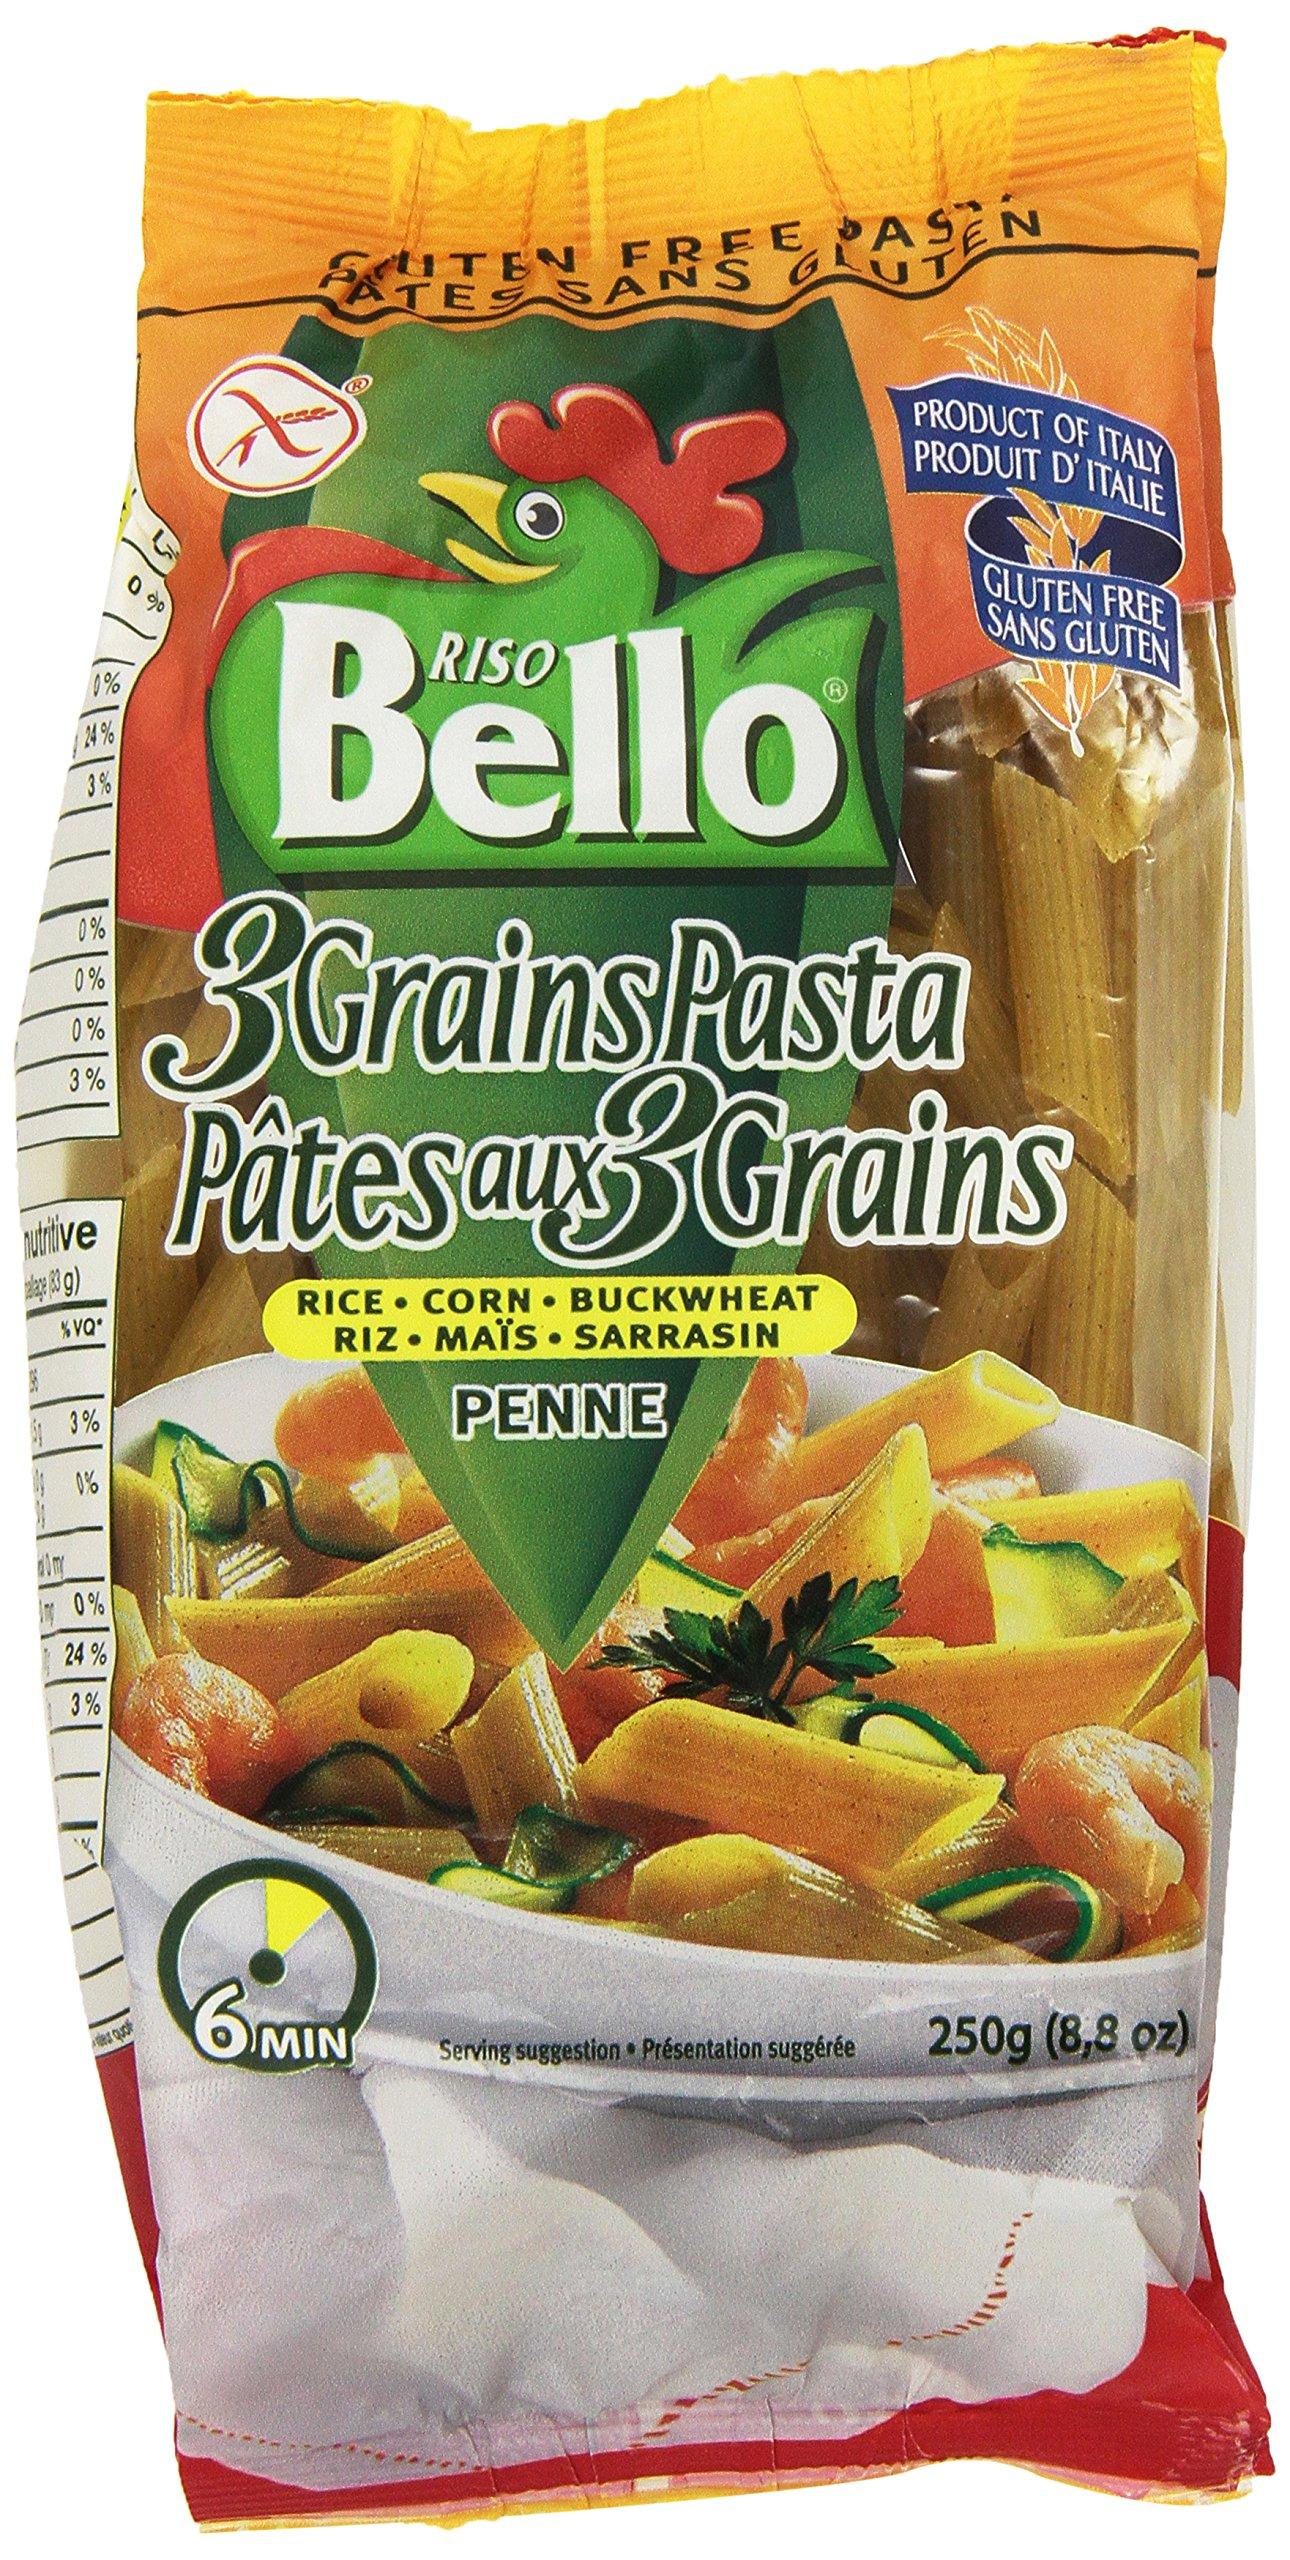 Riso Bello Gluten Free 3 Grain Penne Pasta From Riso Bello, 8.8-Ounce Packages (Pack of 6) by Riso Bello